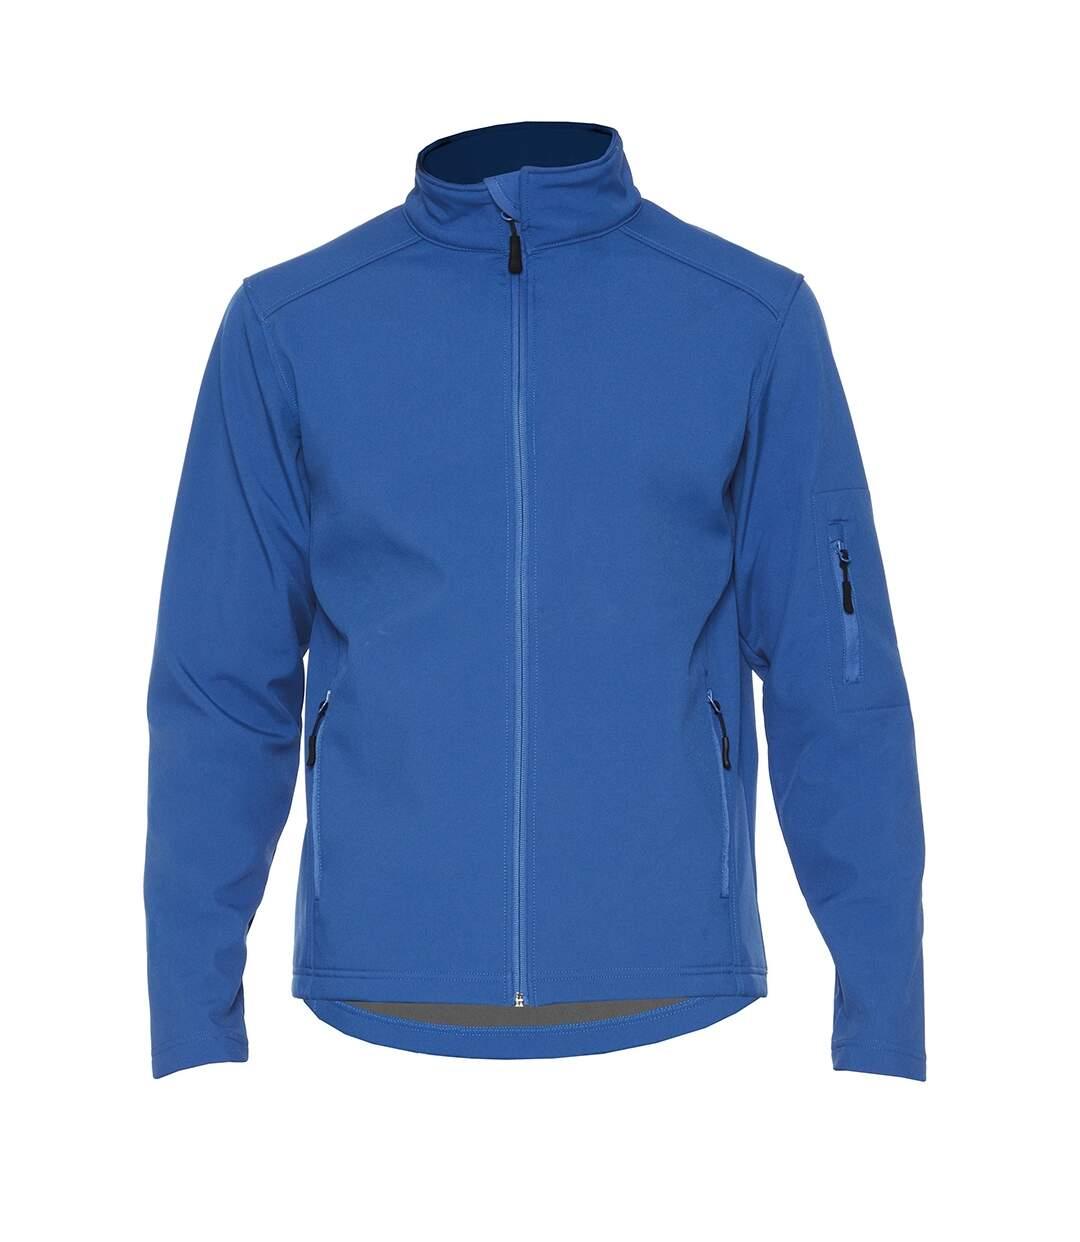 Gildan - Veste Softshell Hammer - Homme (Bleu roi) - UTPC3990